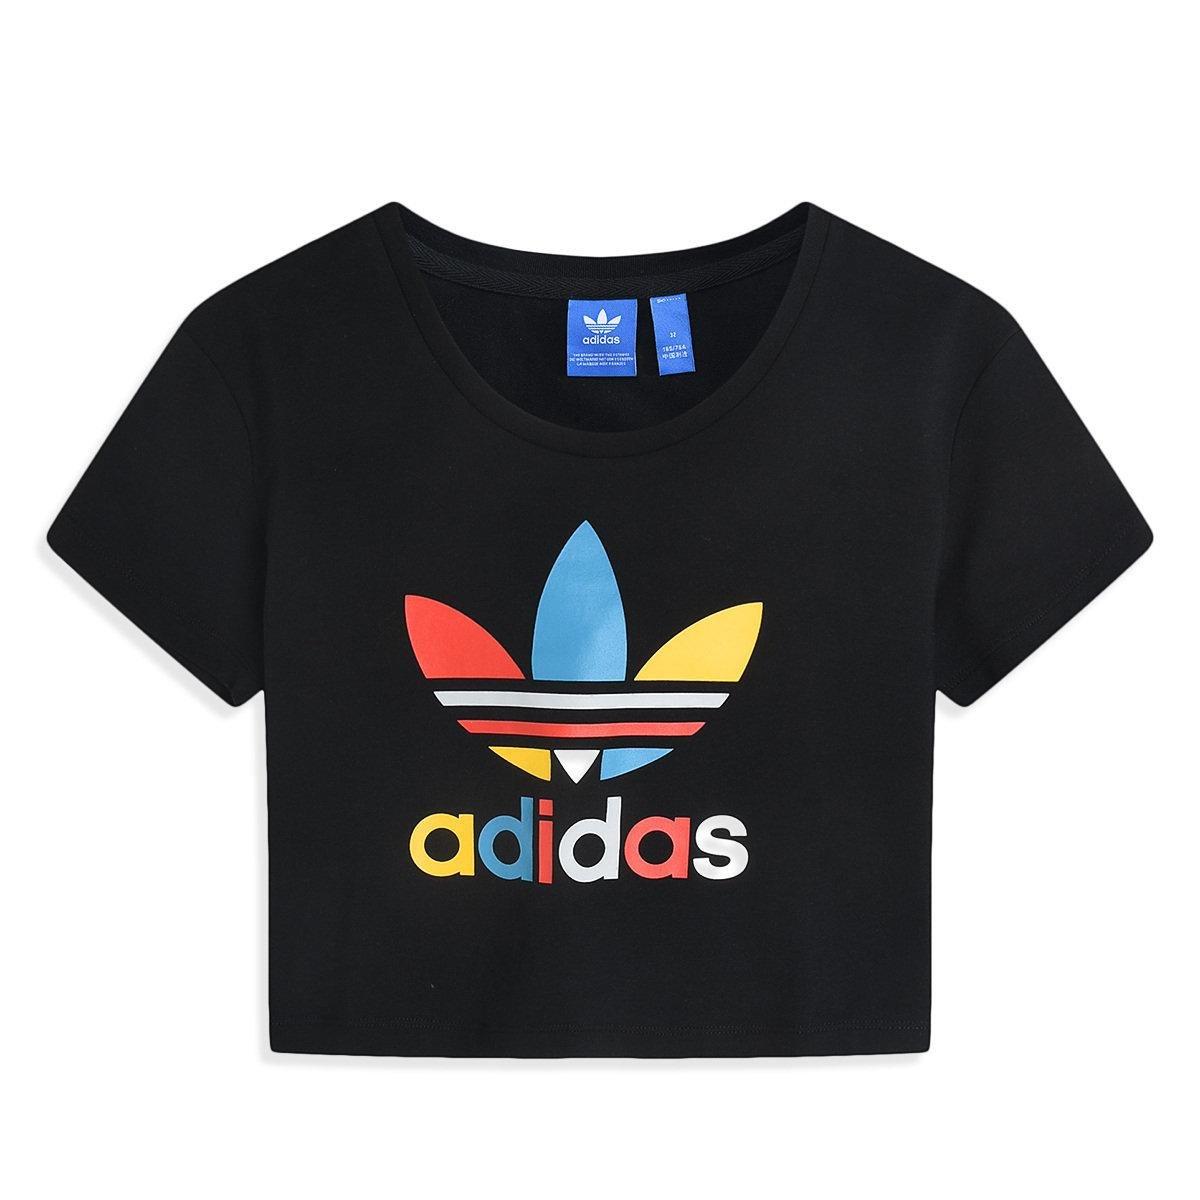 Adidas Slim Crop Camiseta de Manga Corta para Mujer: Amazon.es: Deportes y aire libre